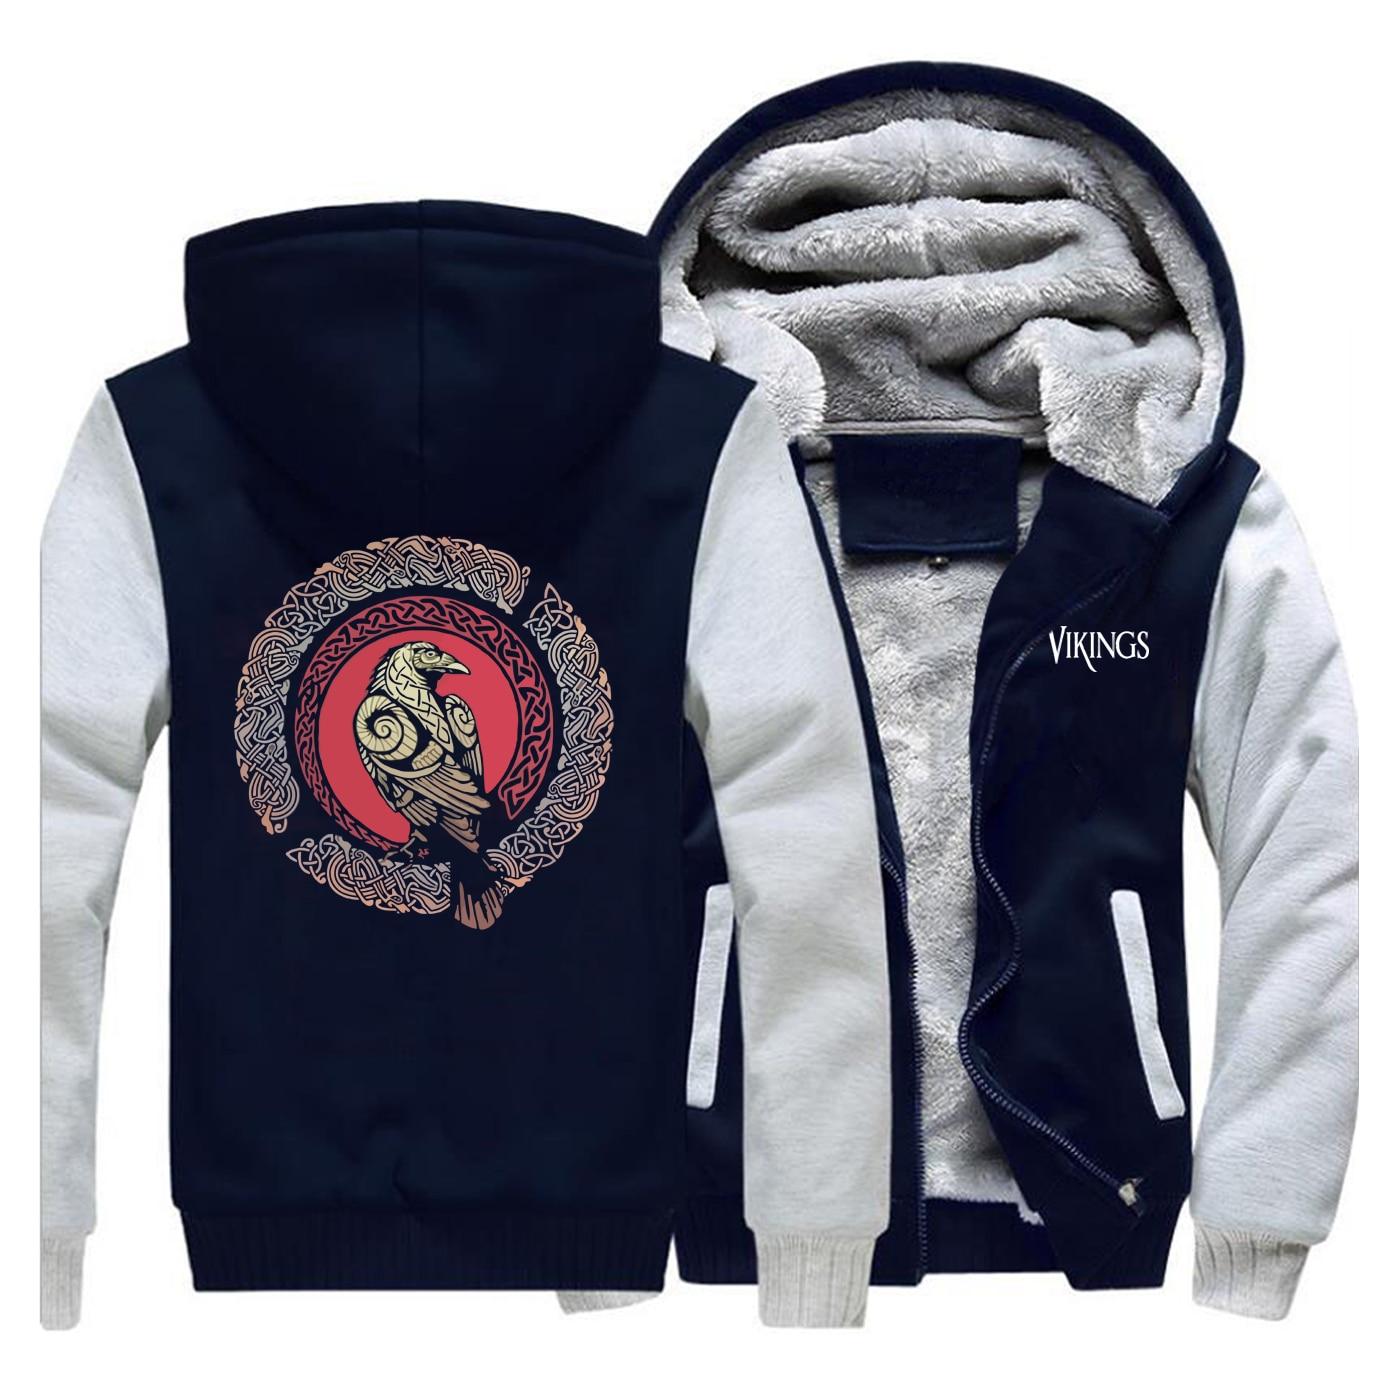 Odin Vikings Men Winter Jacket Fleece Thick Warm Mens Jackets Hoodie Sweatshirt Sportswear Scandinavian Valhalla Athelstan Coat